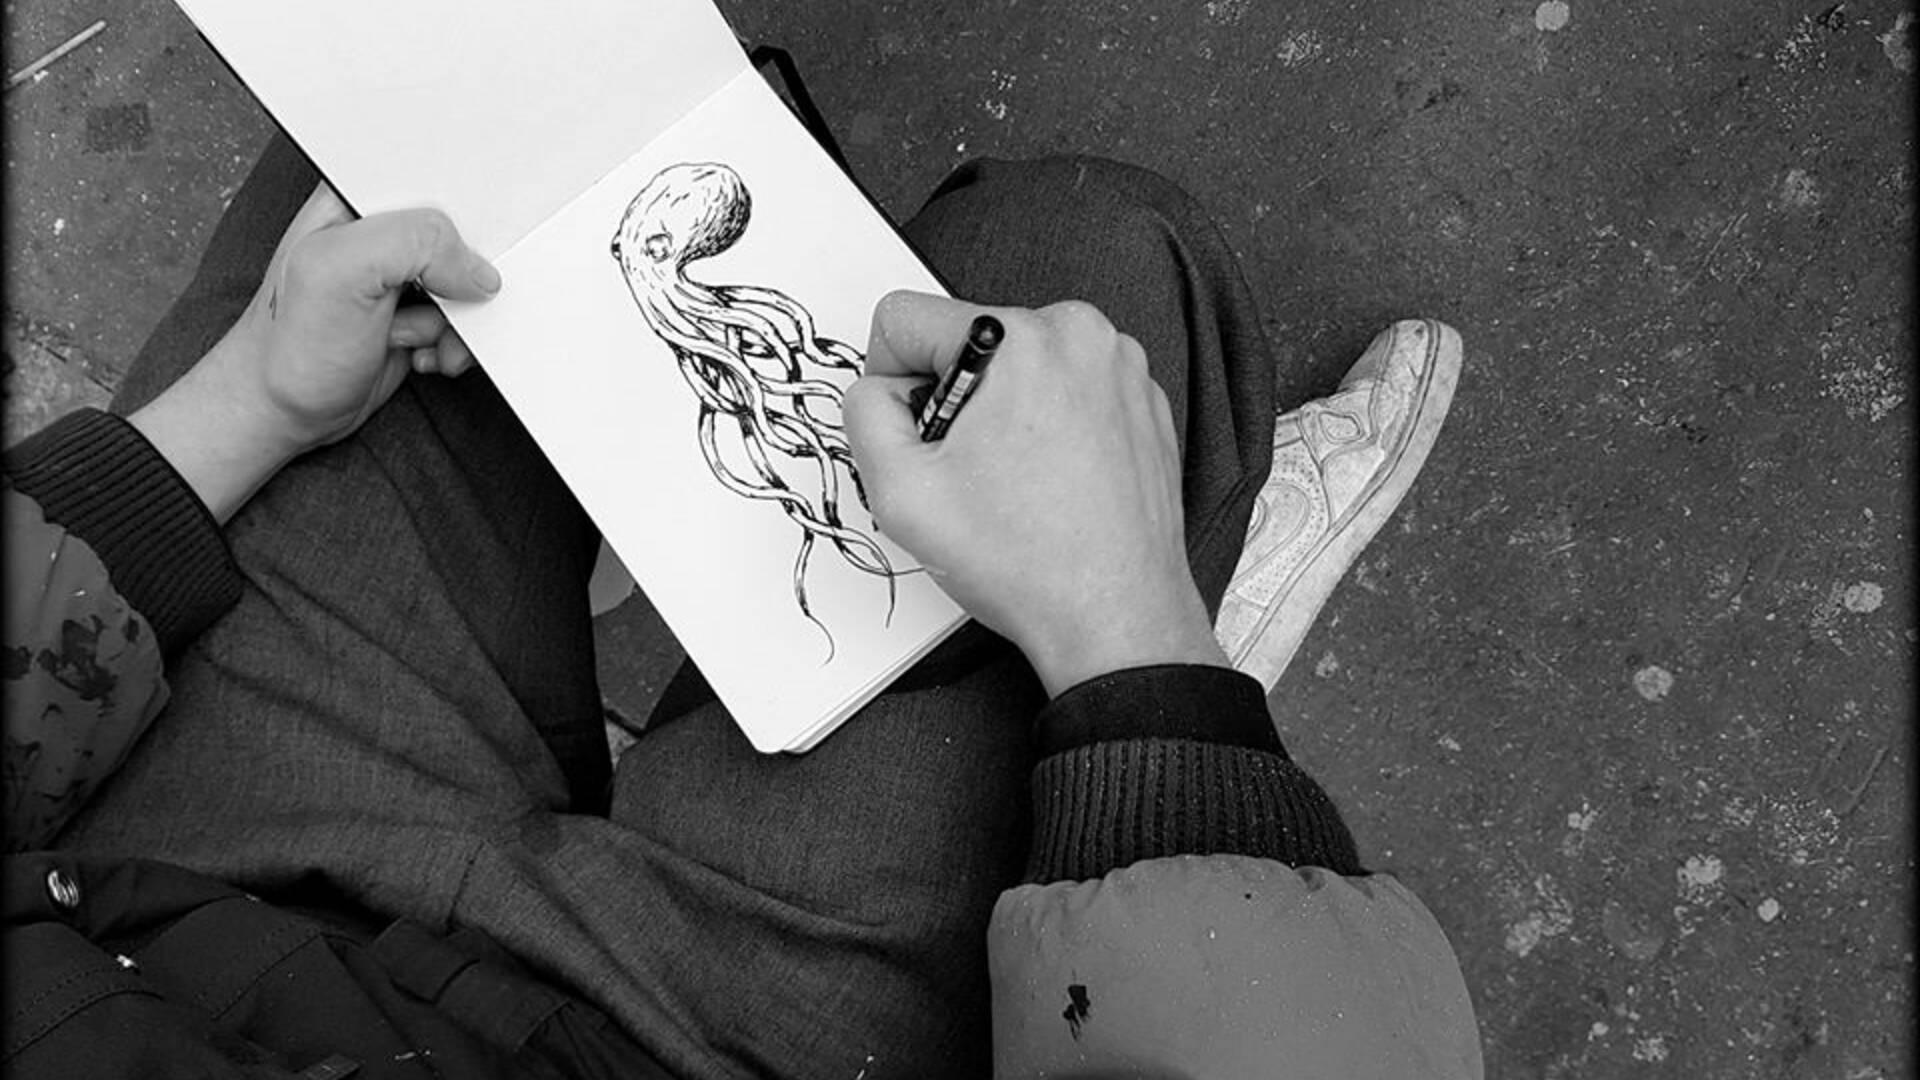 kraken-mur-93-street-art-art-urbain